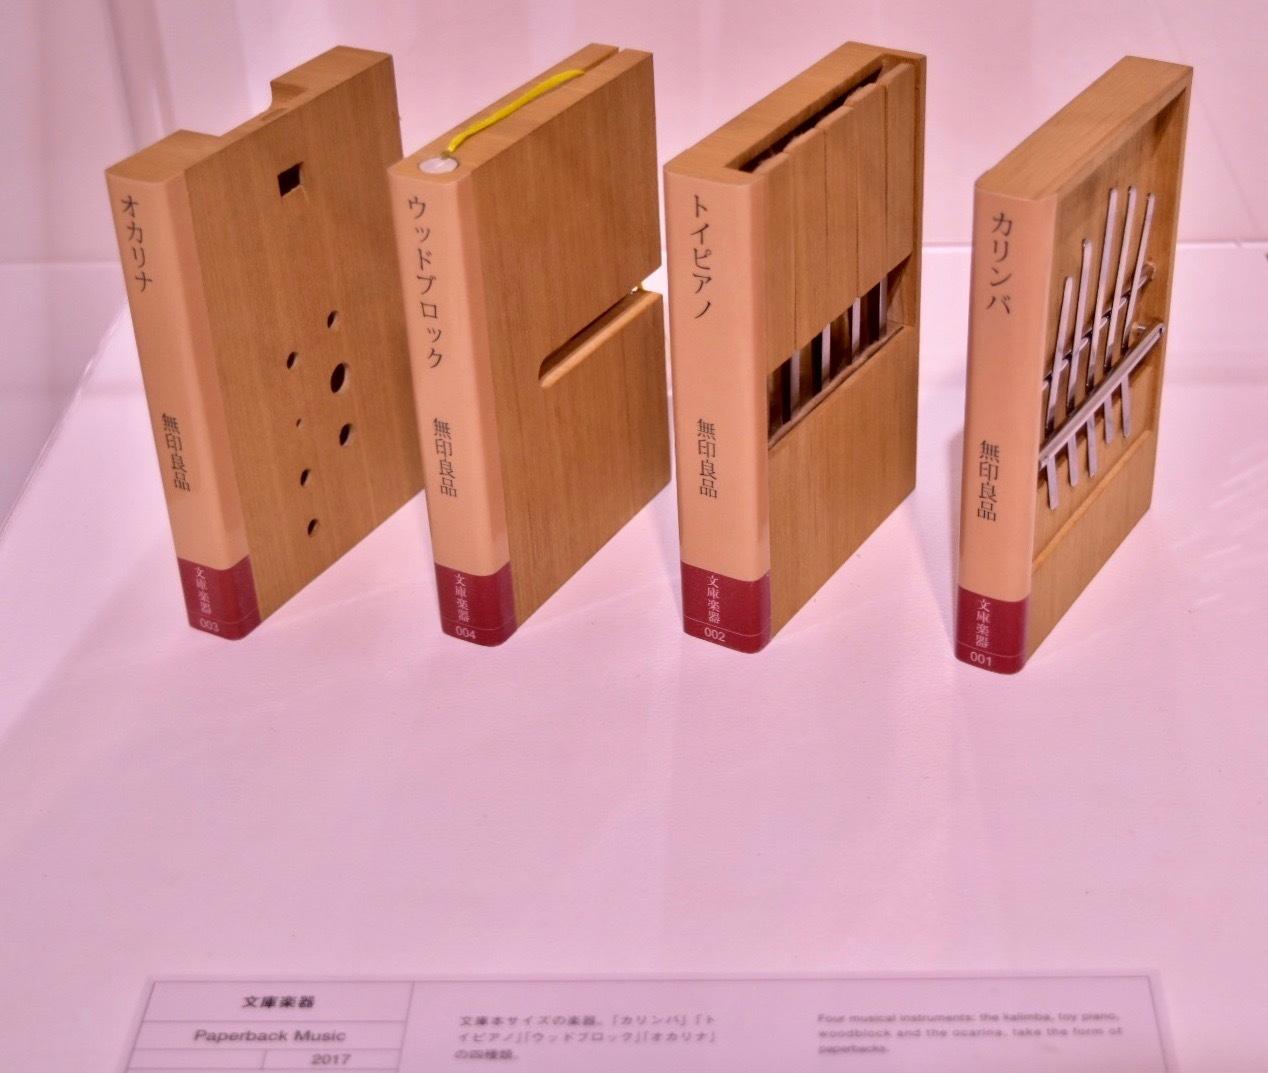 文庫楽器(明和電機)